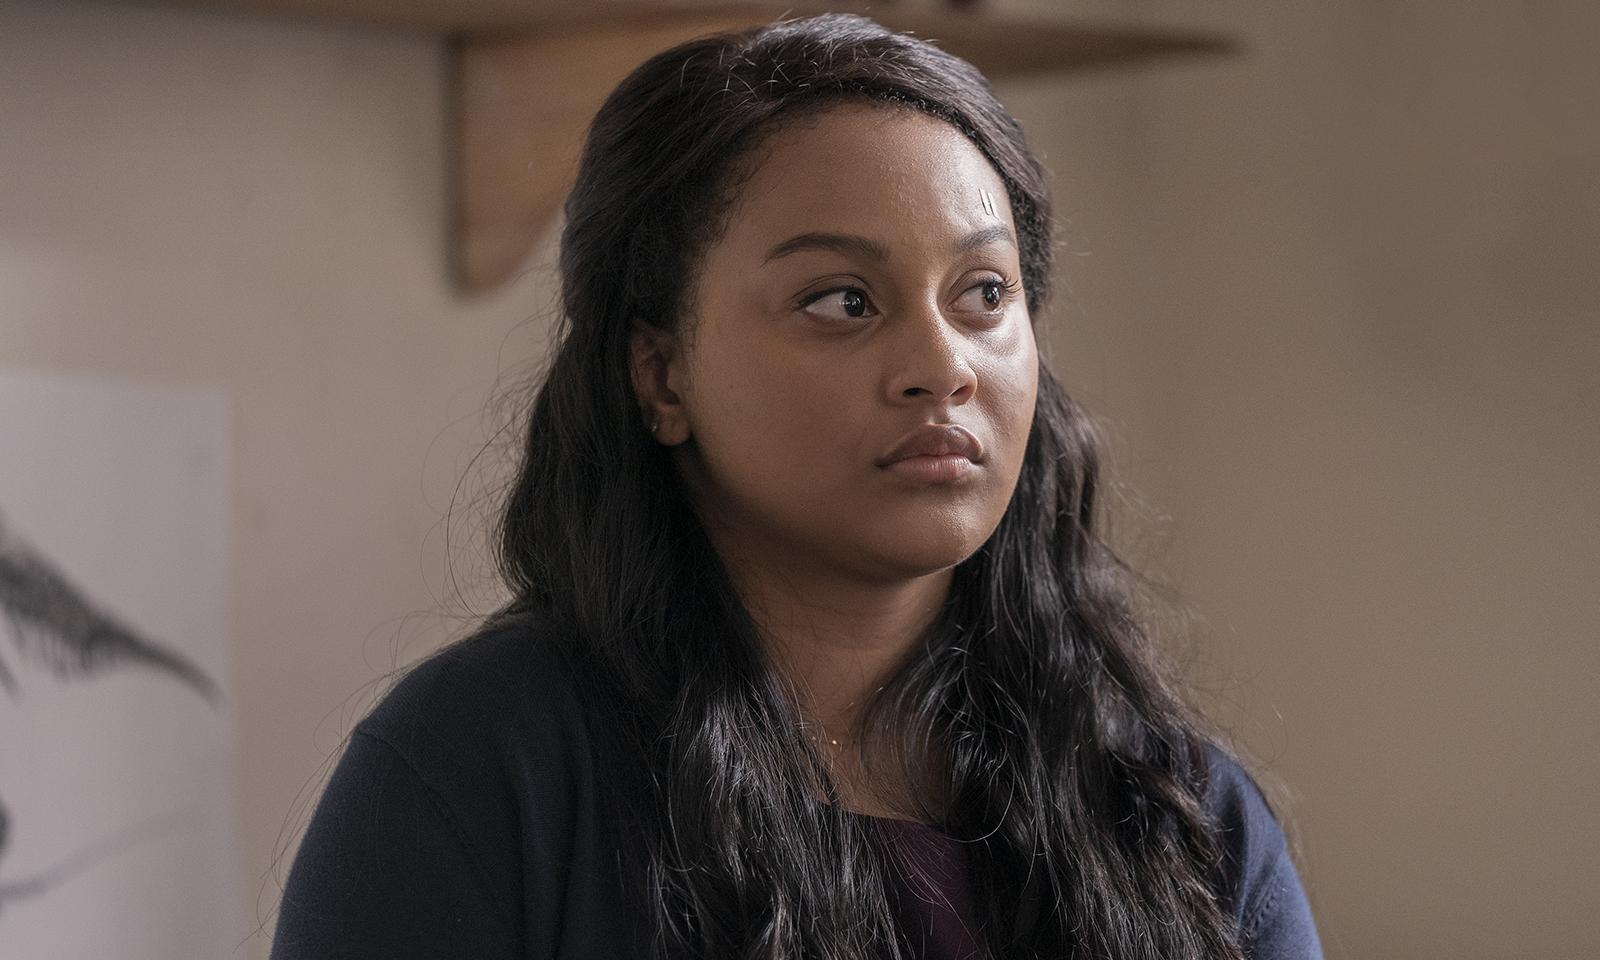 Aliyah Royale como Iris Bennett em imagem do primeiro episódio da 1ª temporada de The Walking Dead: World Beyond